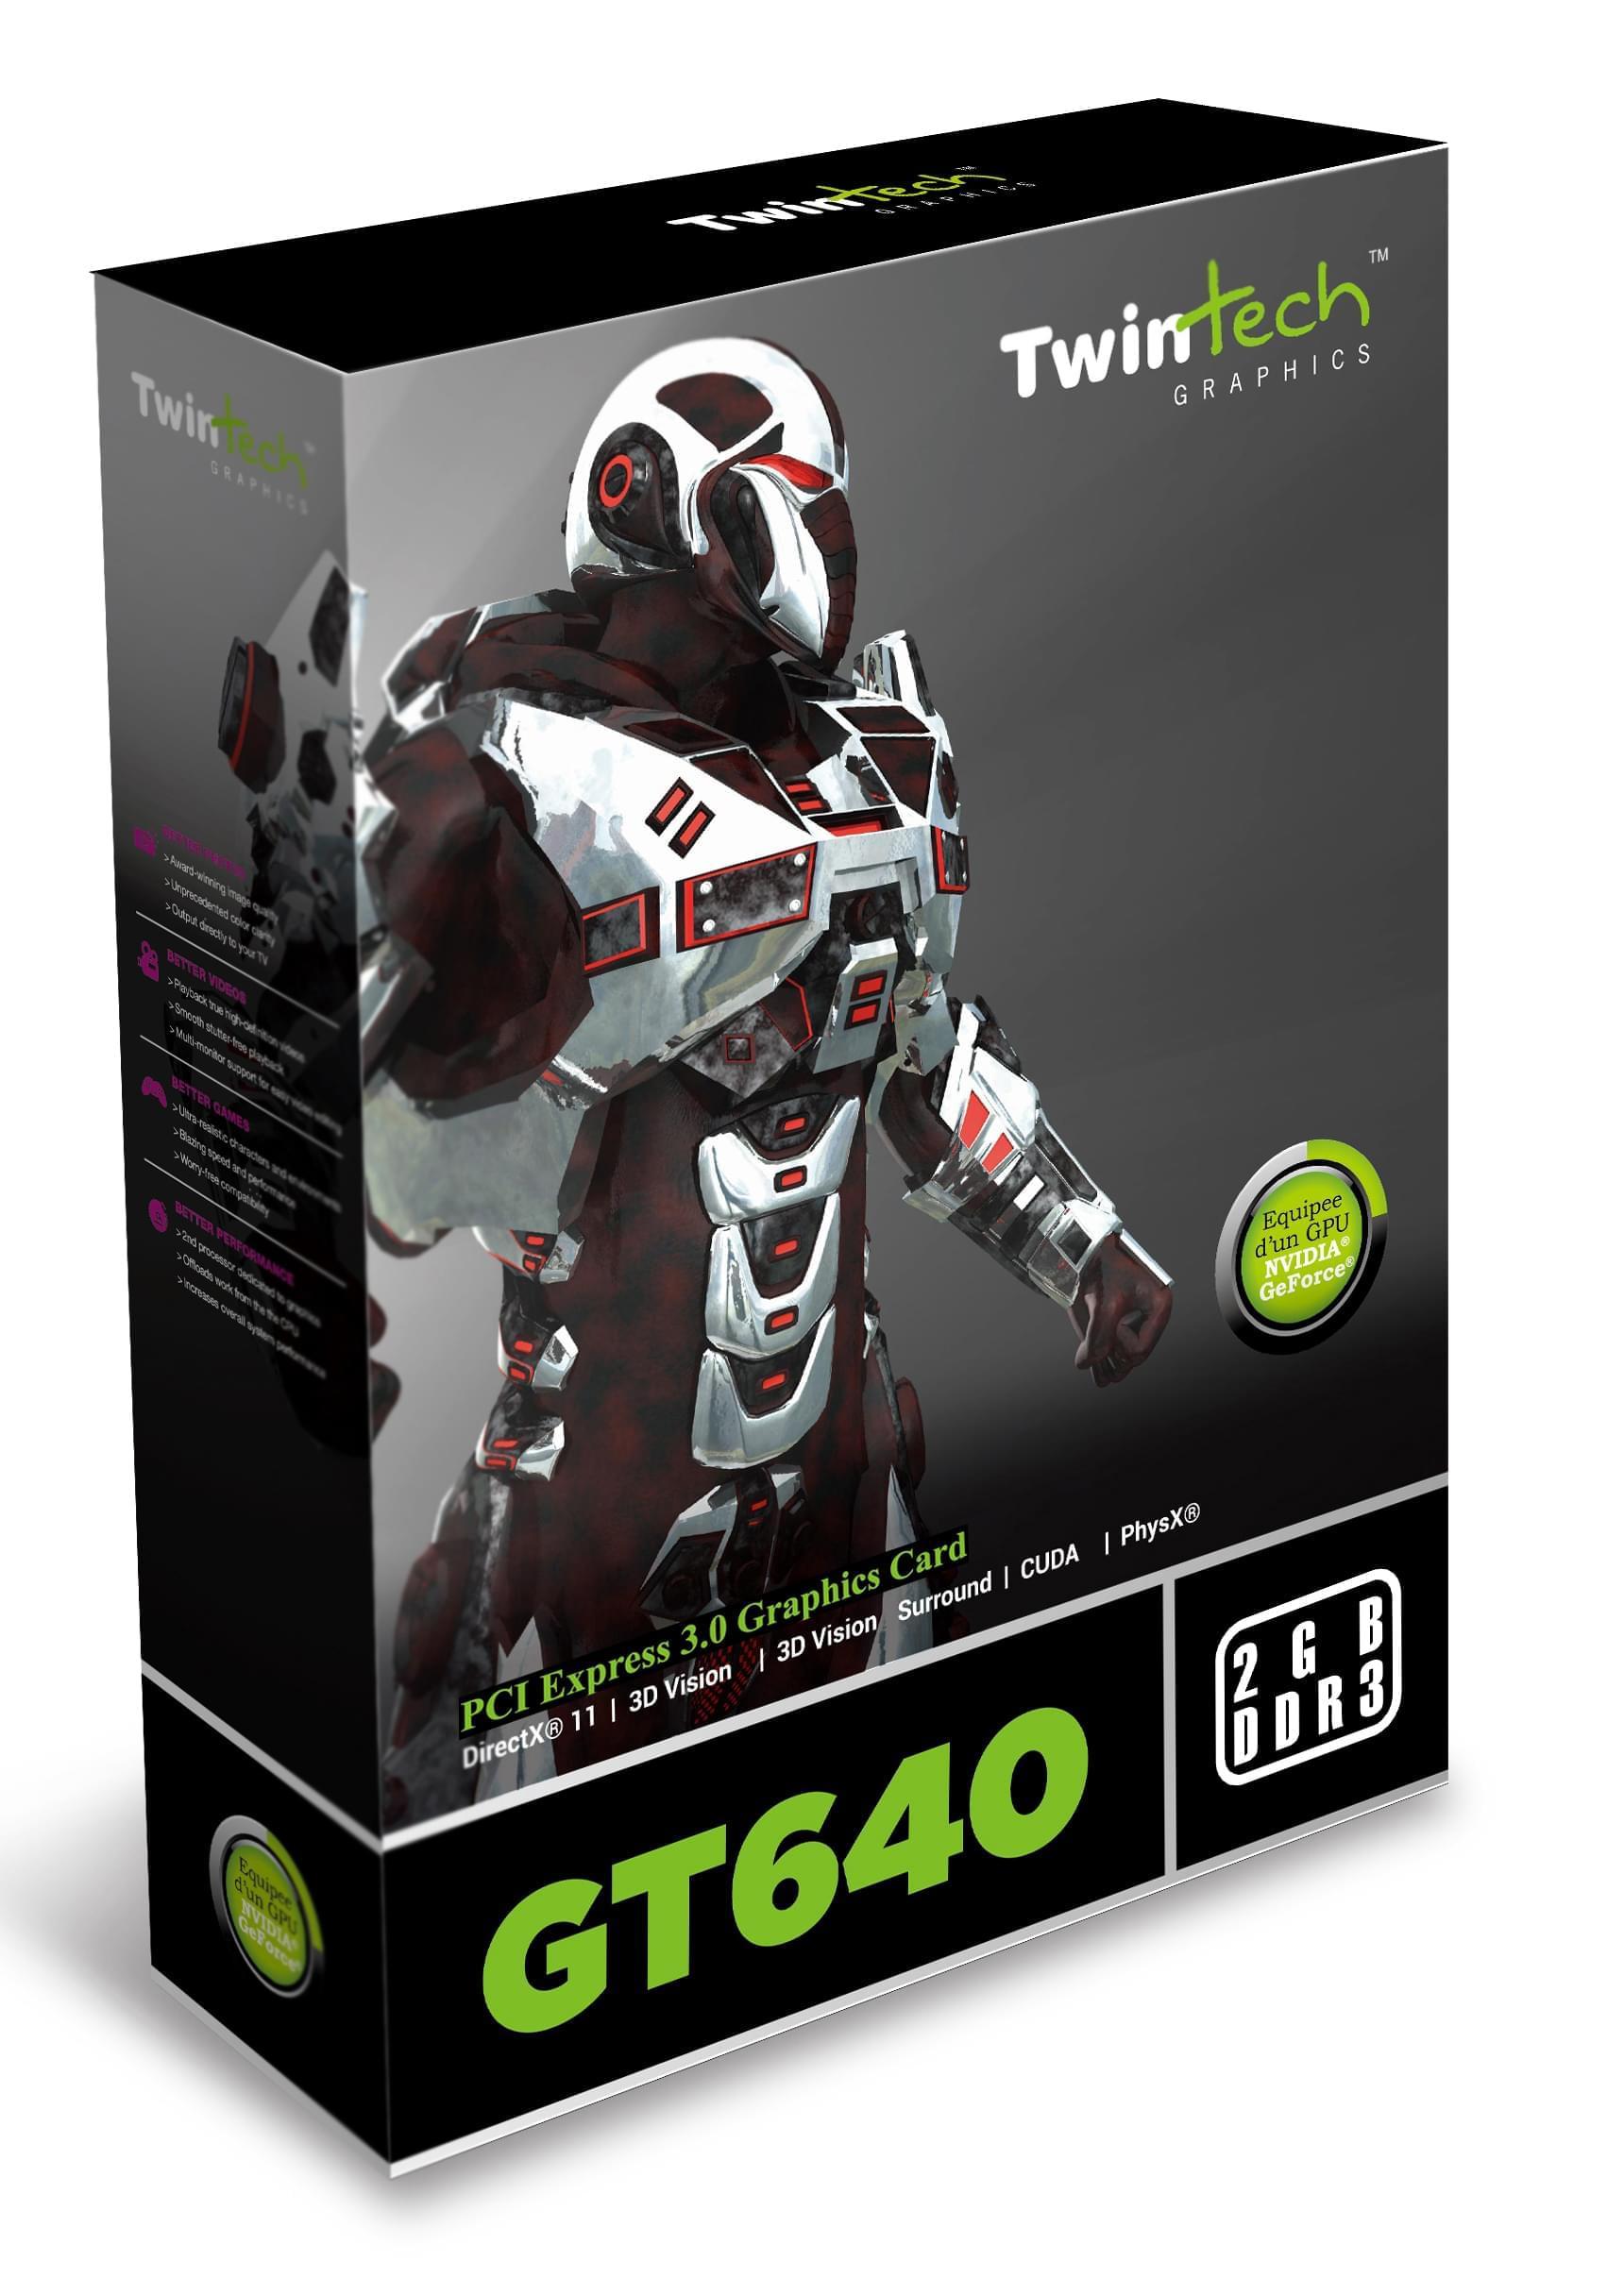 Twintech GF GT 640 2Go - Carte graphique Twintech - Cybertek.fr - 0